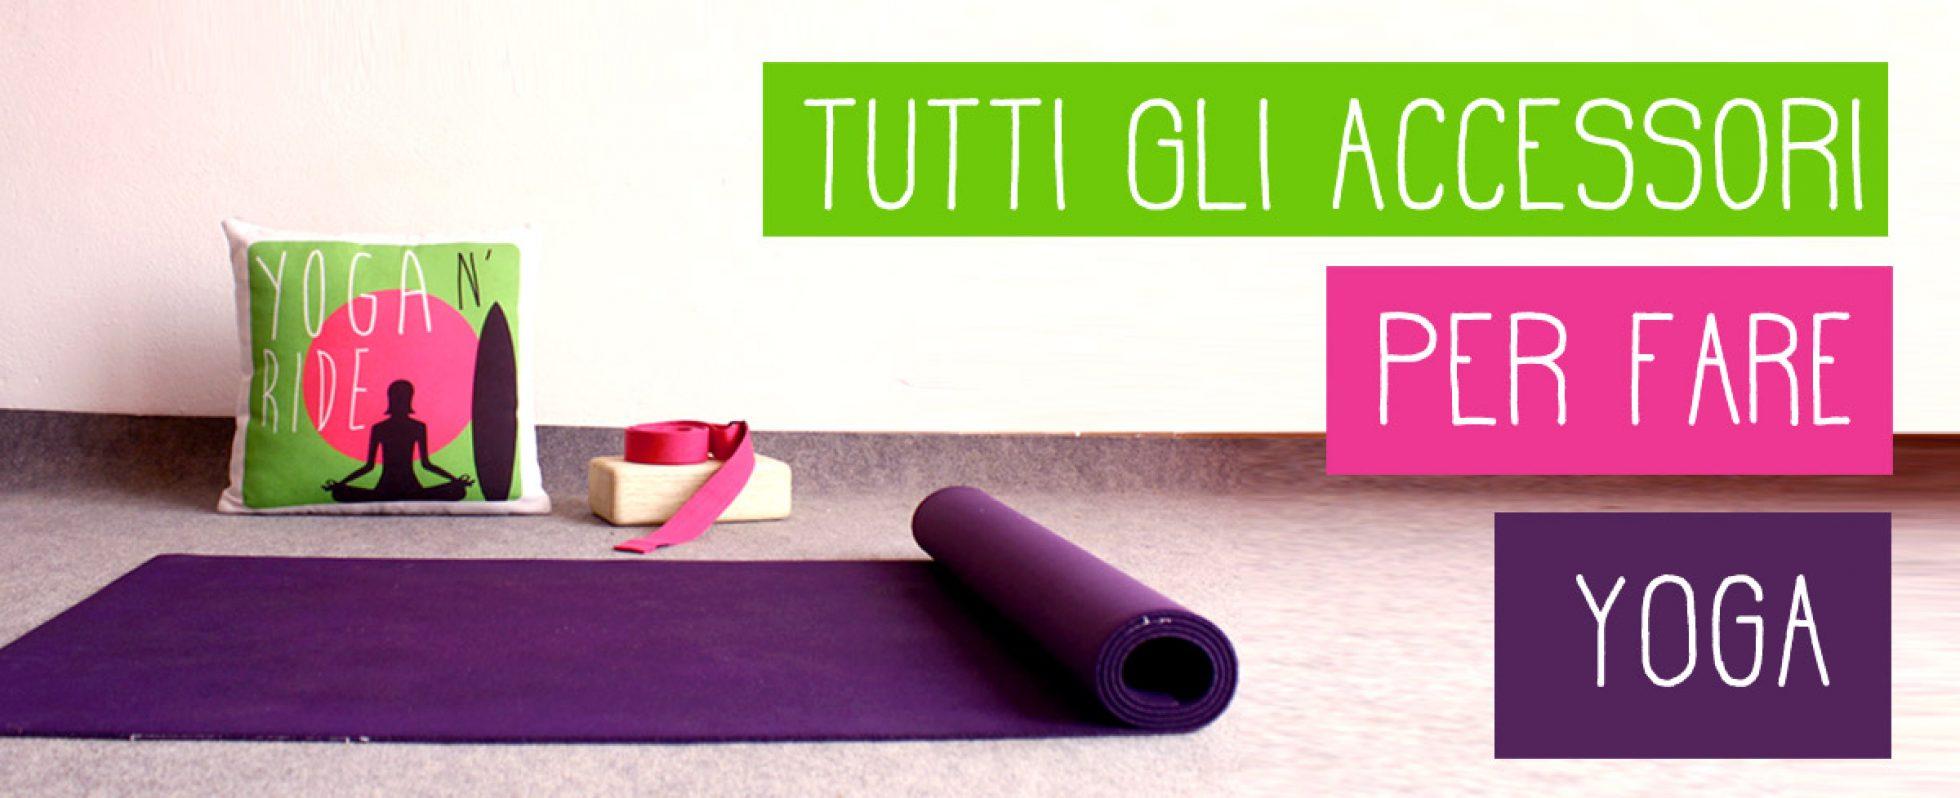 Cuscino Cilindrico Per Yoga.Accessori Yoga Ecco Tutto Quello Di Cui Potresti Aver